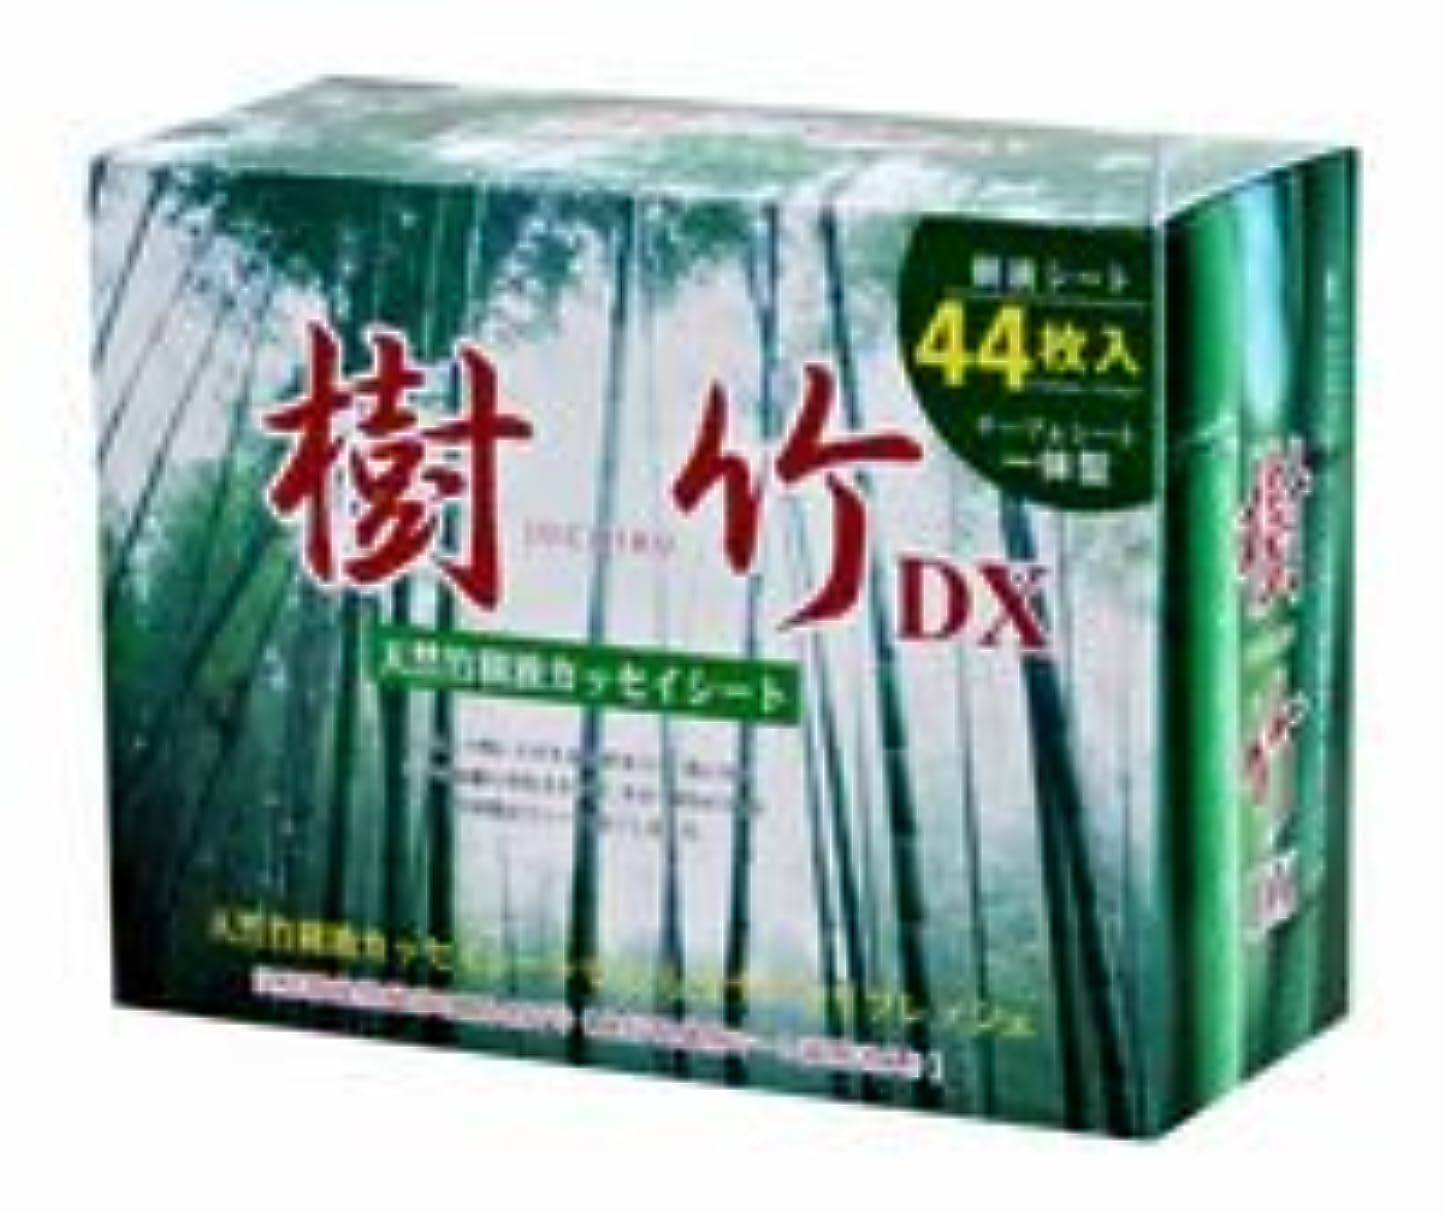 まどろみのある引退した通り抜ける樹竹DX 44枚入 3箱セット